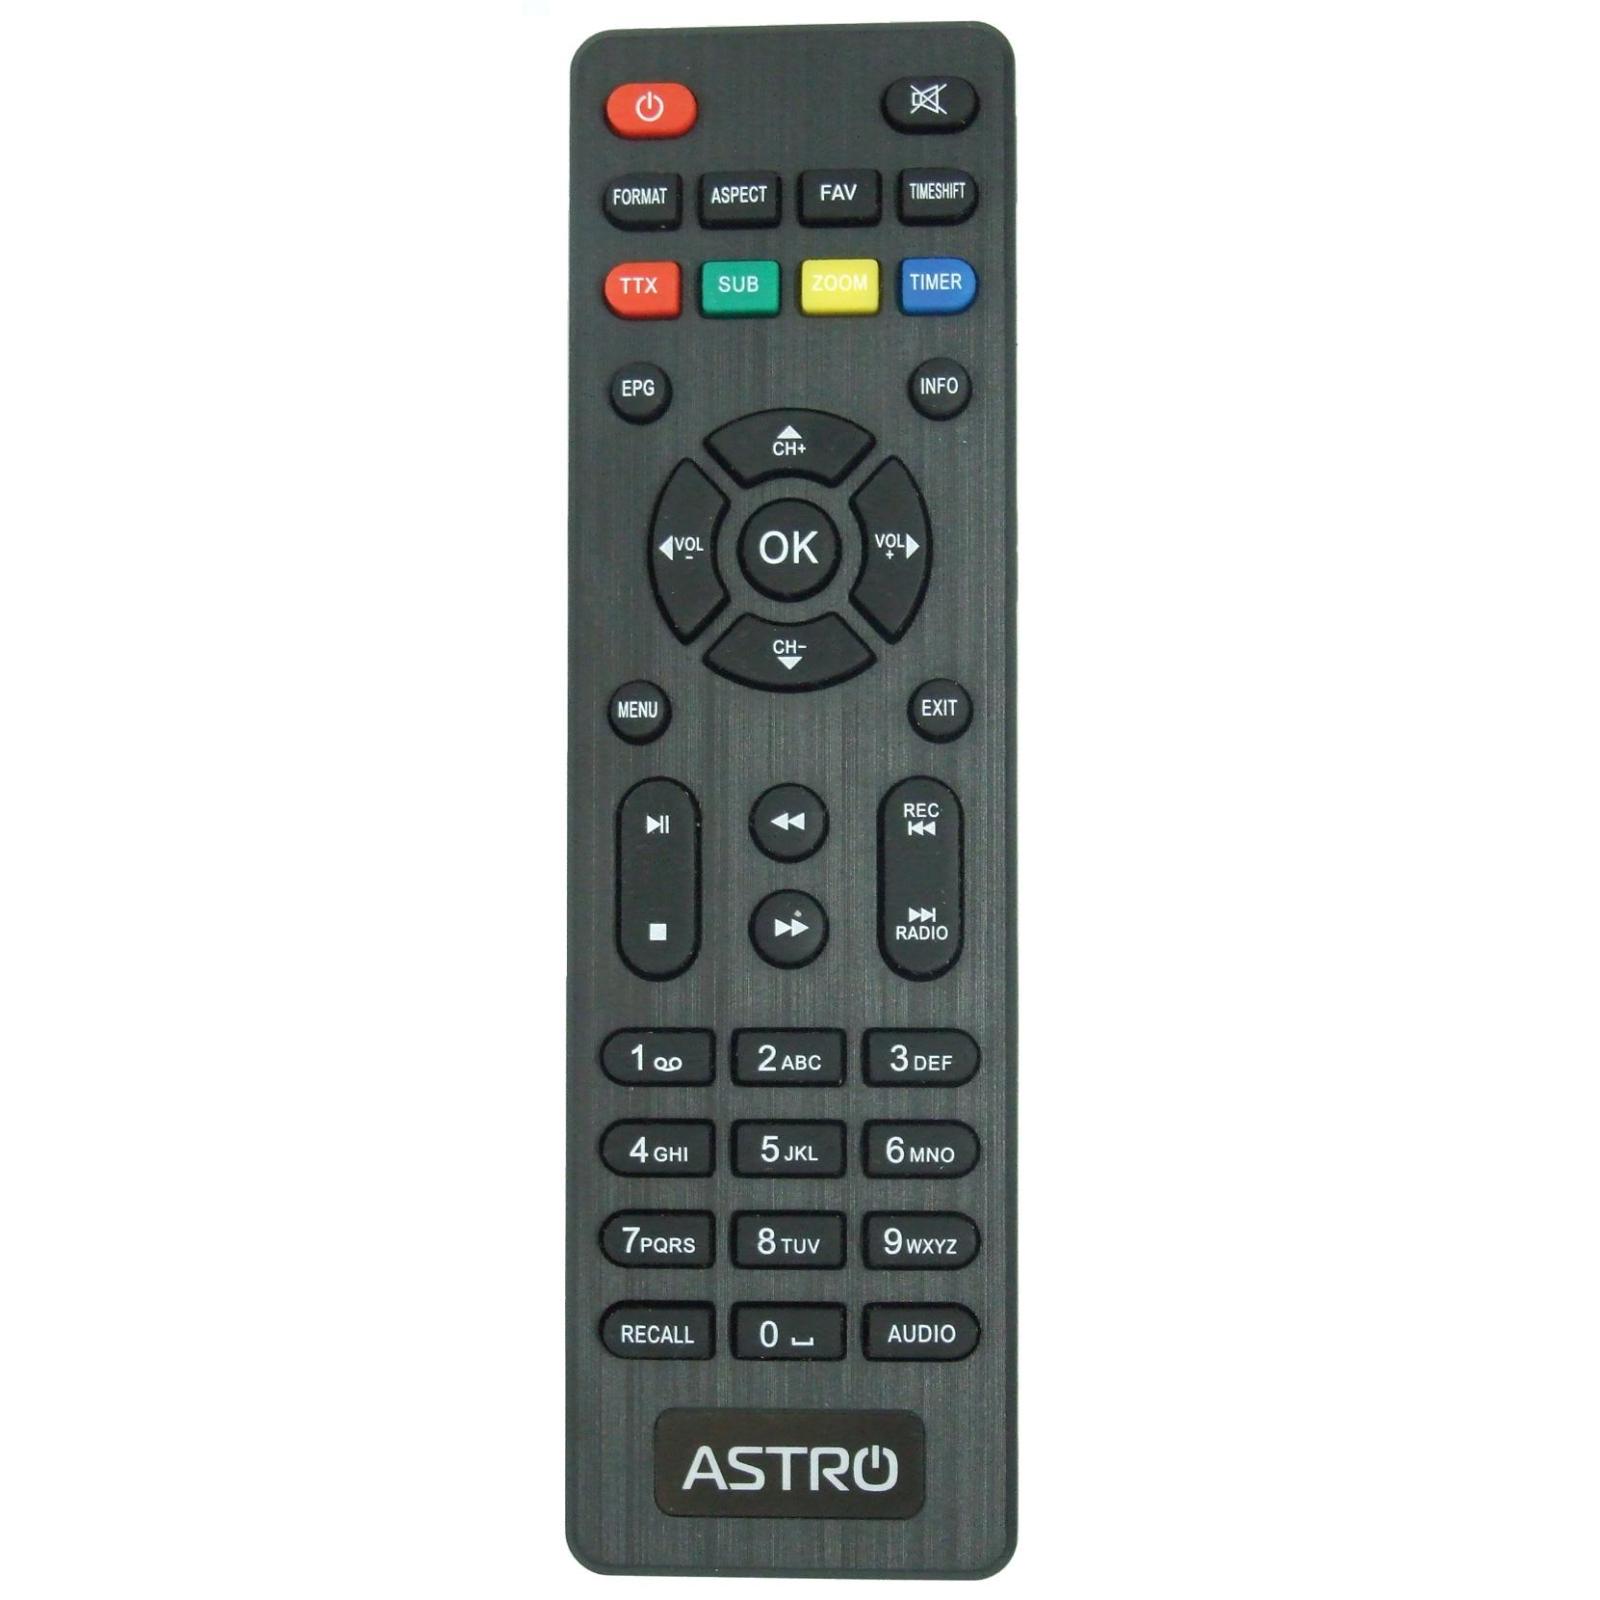 ТВ тюнер Astro DVB-T, DVB-T2, + USB-port (TA-24) зображення 4